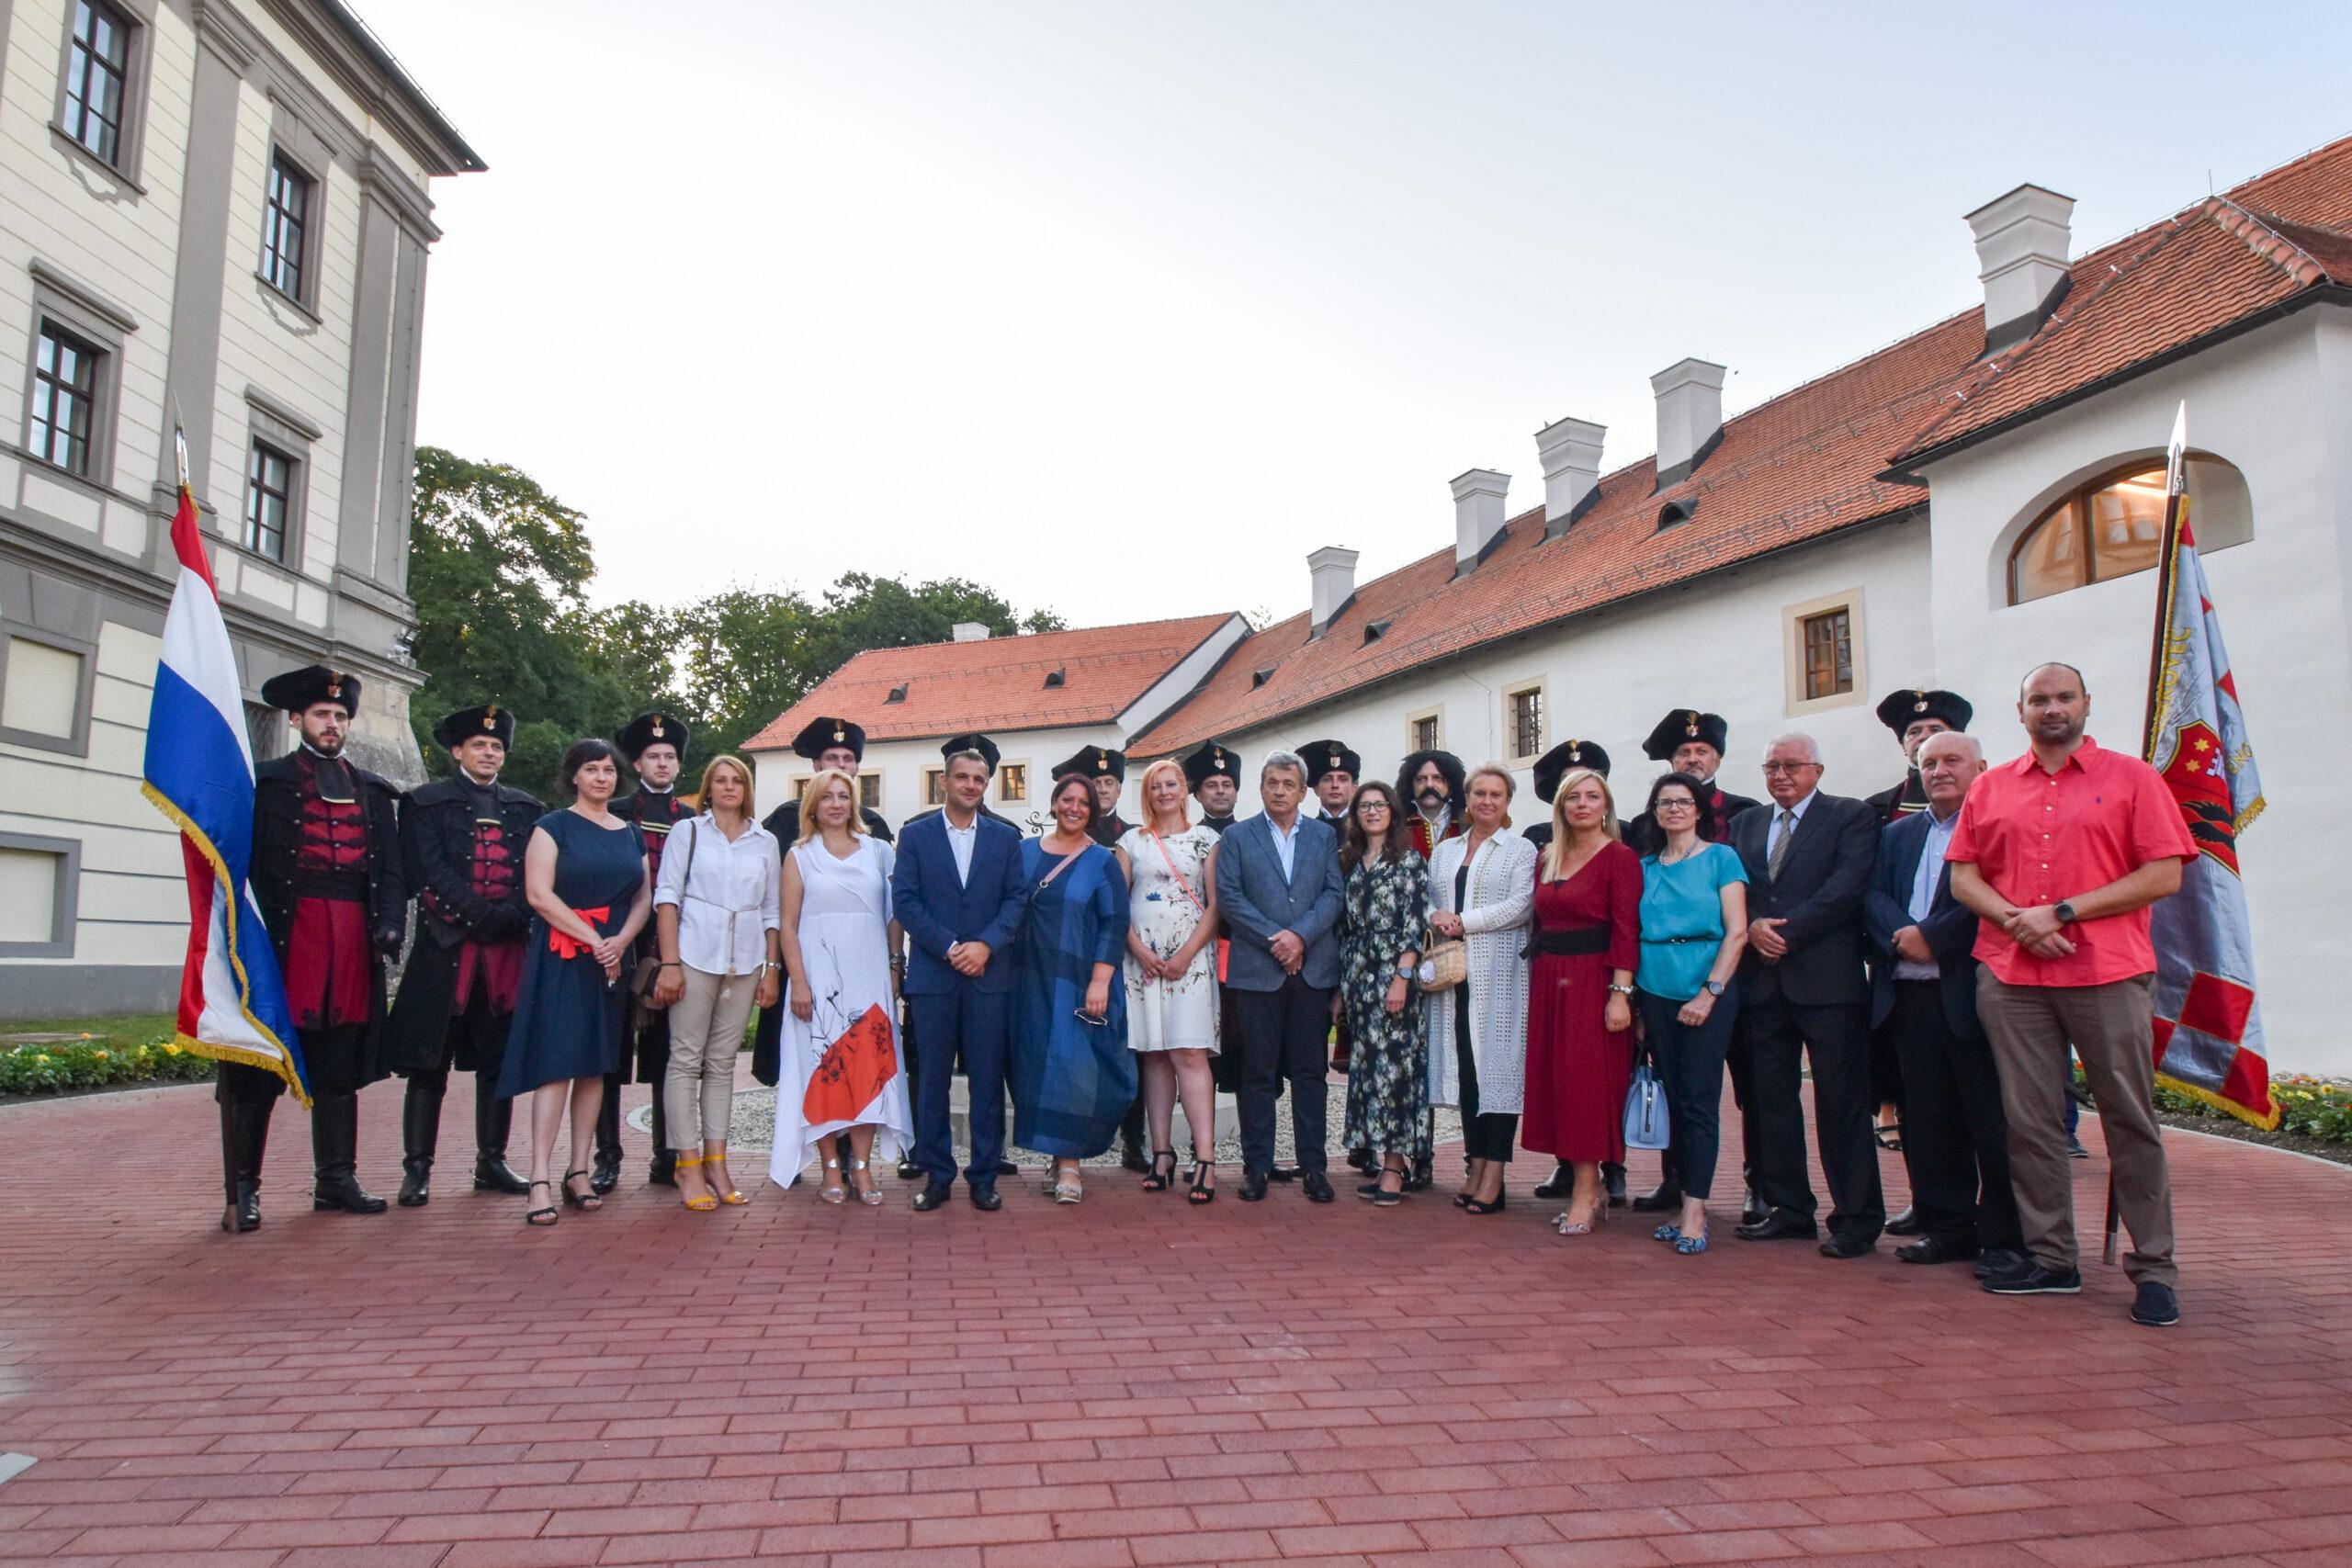 Prvi-građani-razgledali-muzej-nematerijalne-baštine-Riznica-Međimurja-3